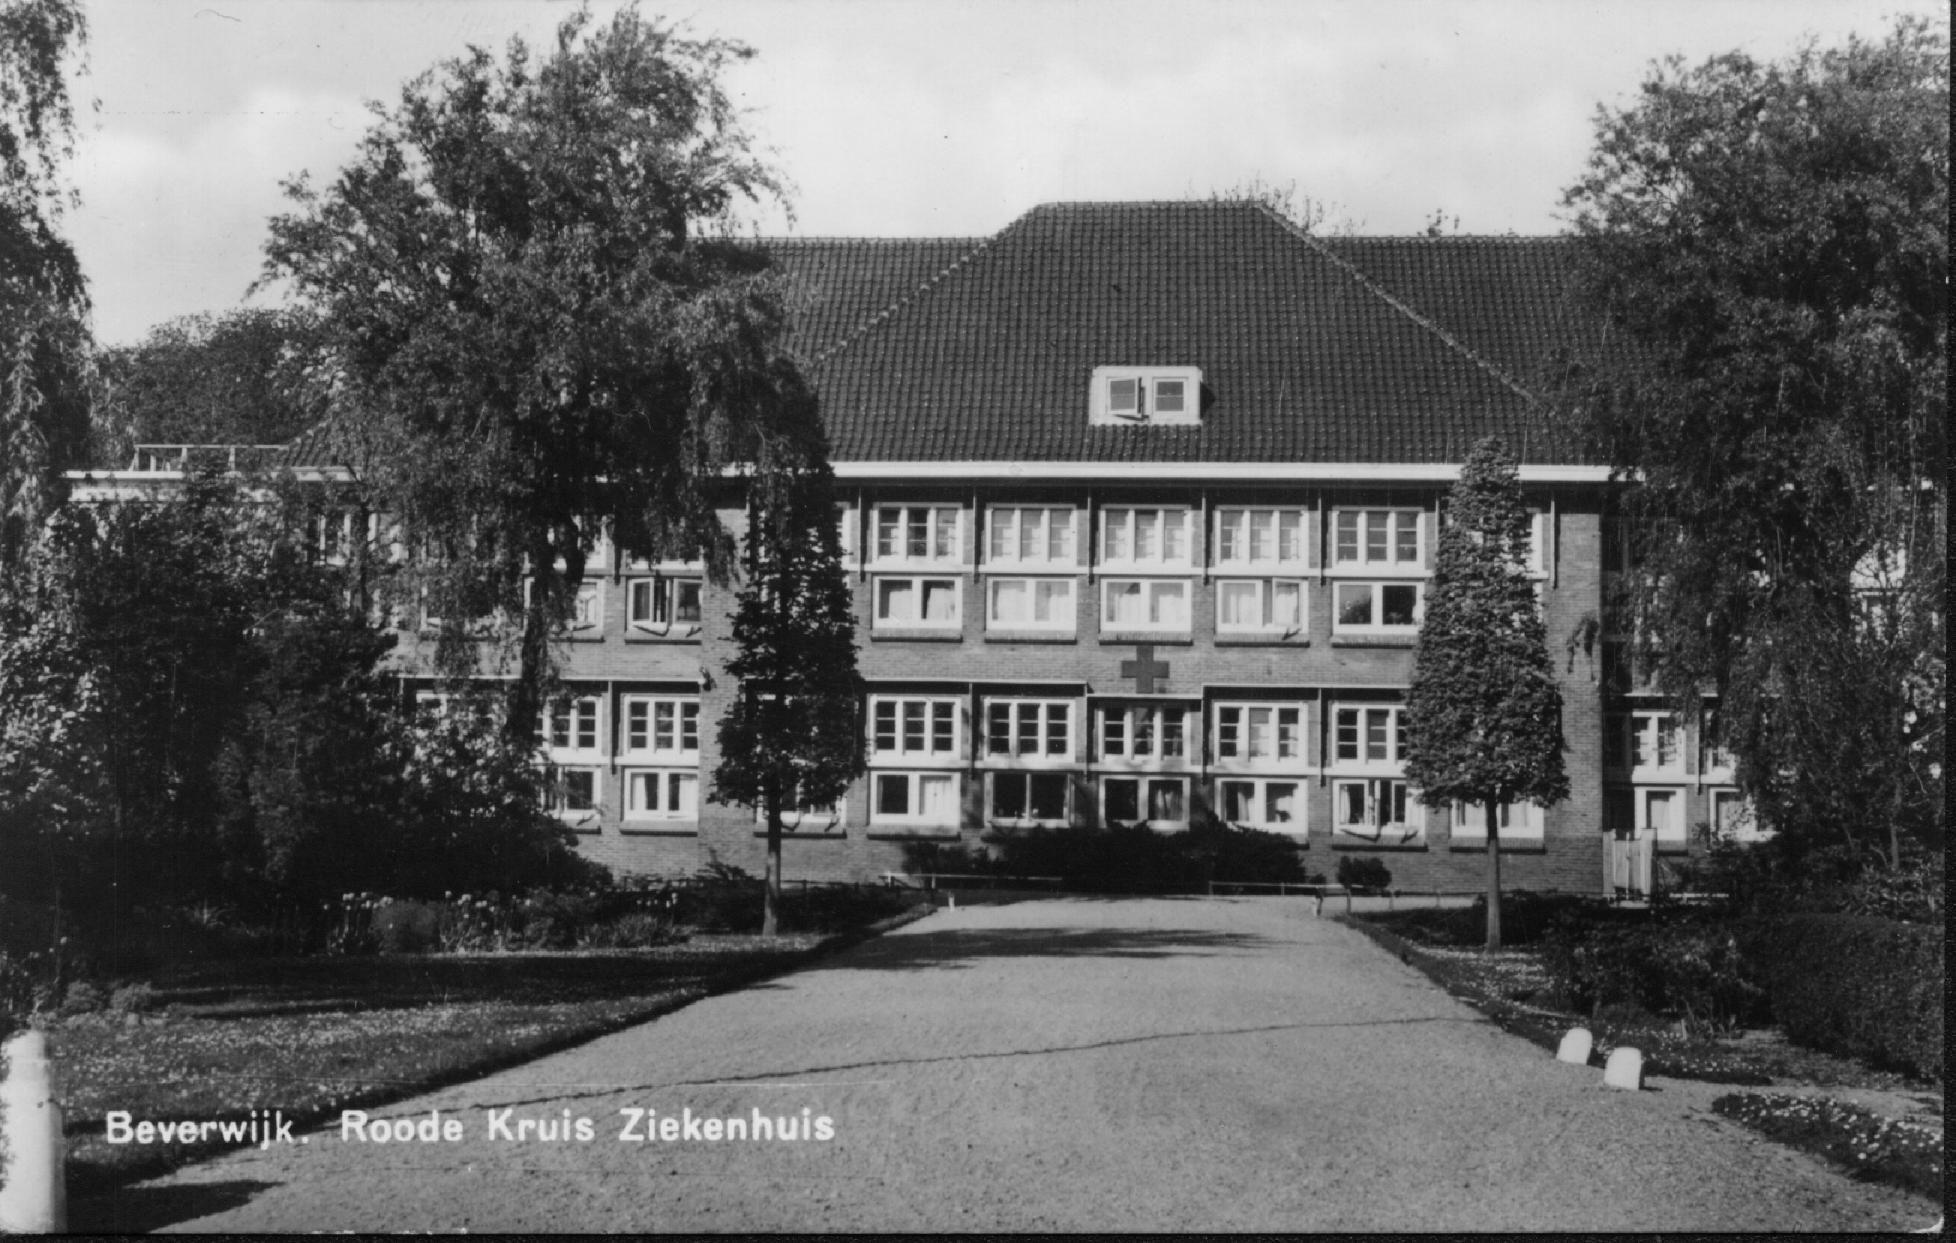 Beverwijk Rode Kruis Ziekenhuis Ziekenhuis Haarlem Rood Kruis